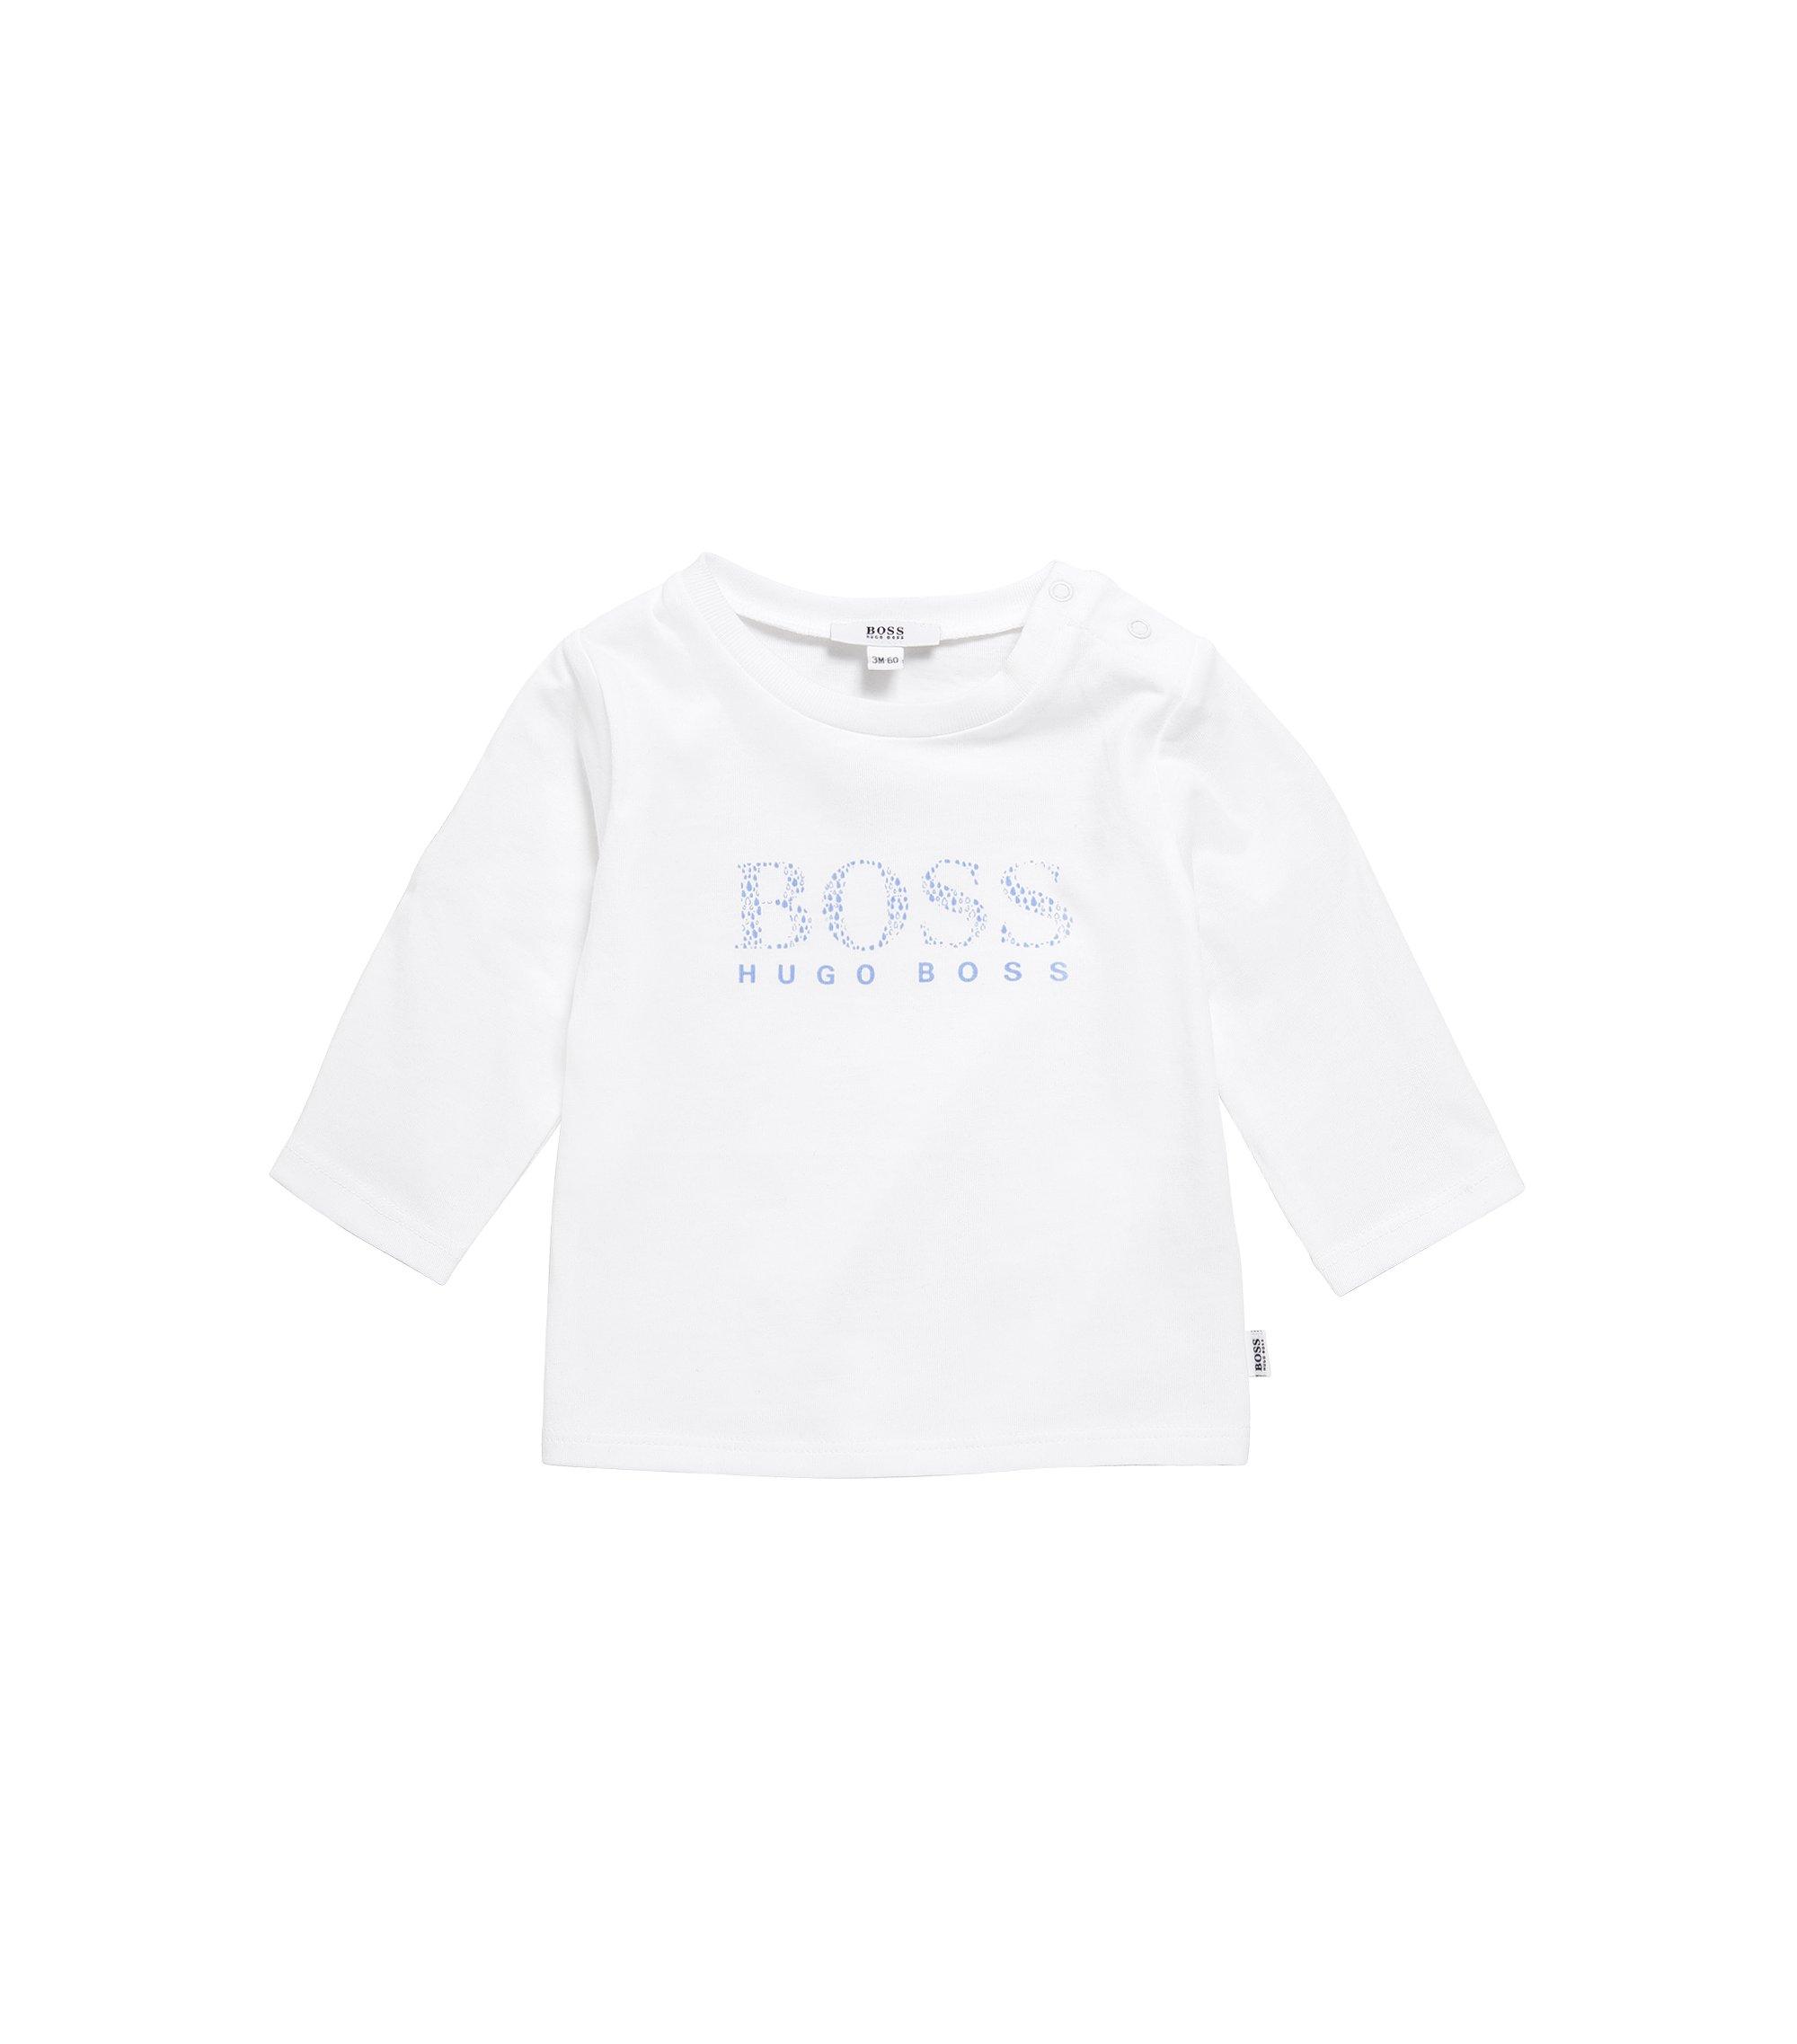 Camiseta de manga larga para bebé en algodón elástico con logotipo estampado: 'J95207', Blanco